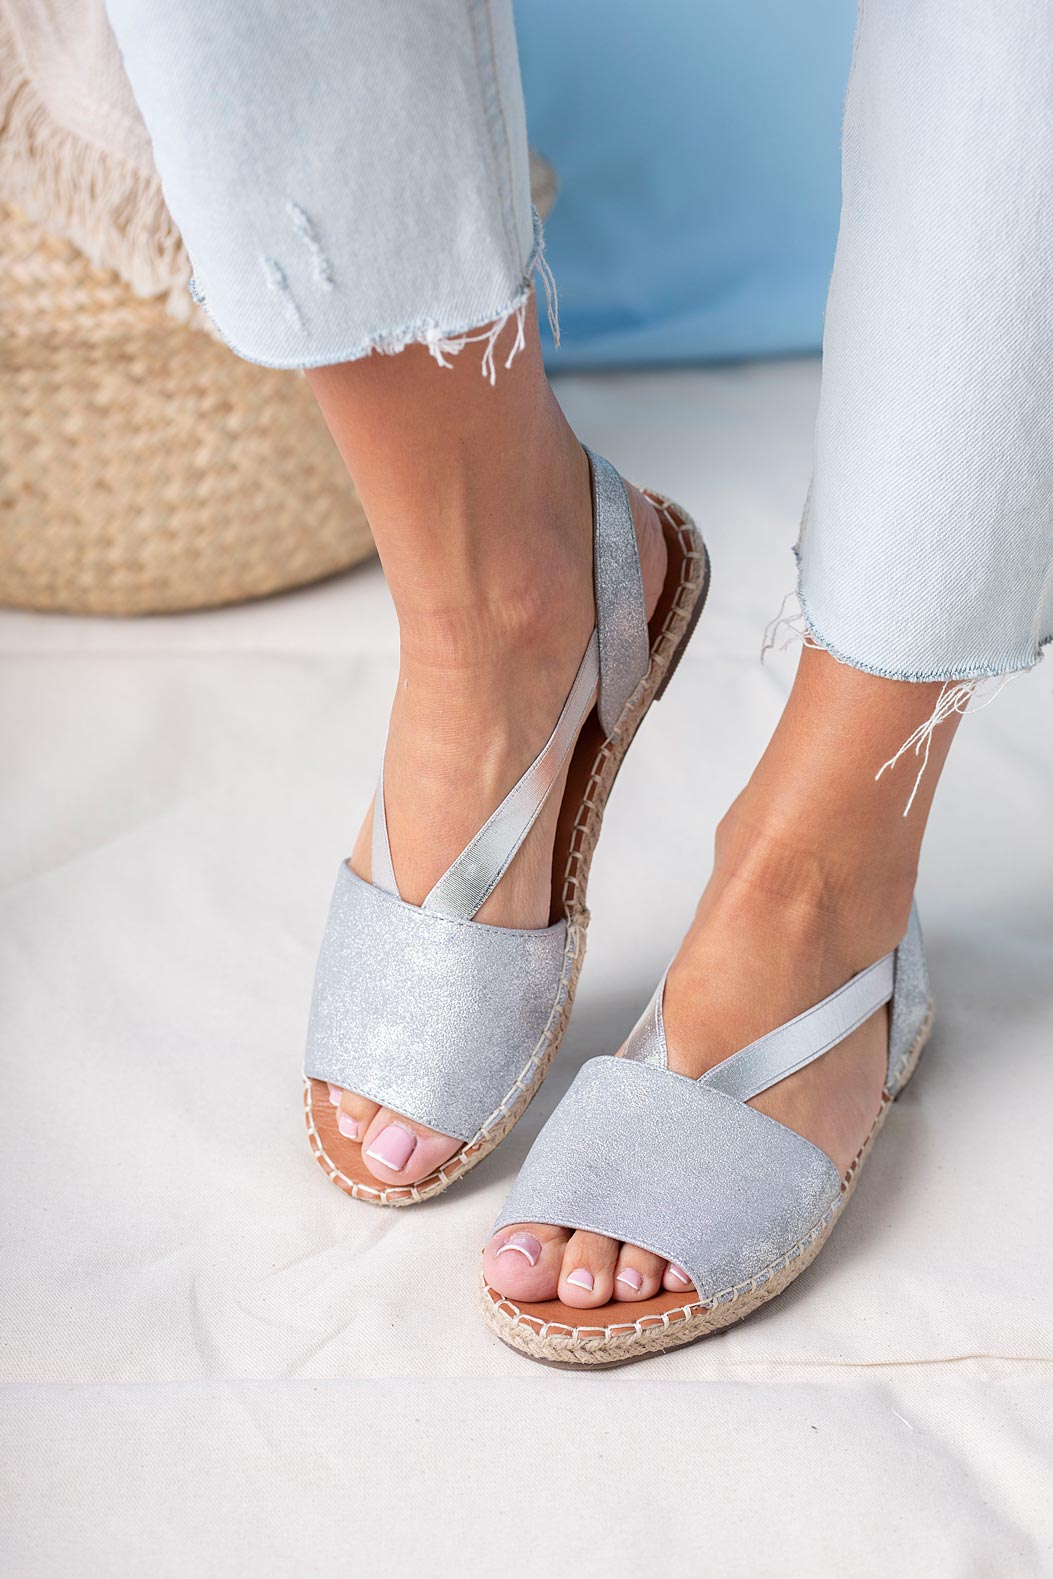 Srebrne sandały espadryle błyszczące płaskie z gumką Casu SN20X5/S kolor srebrny